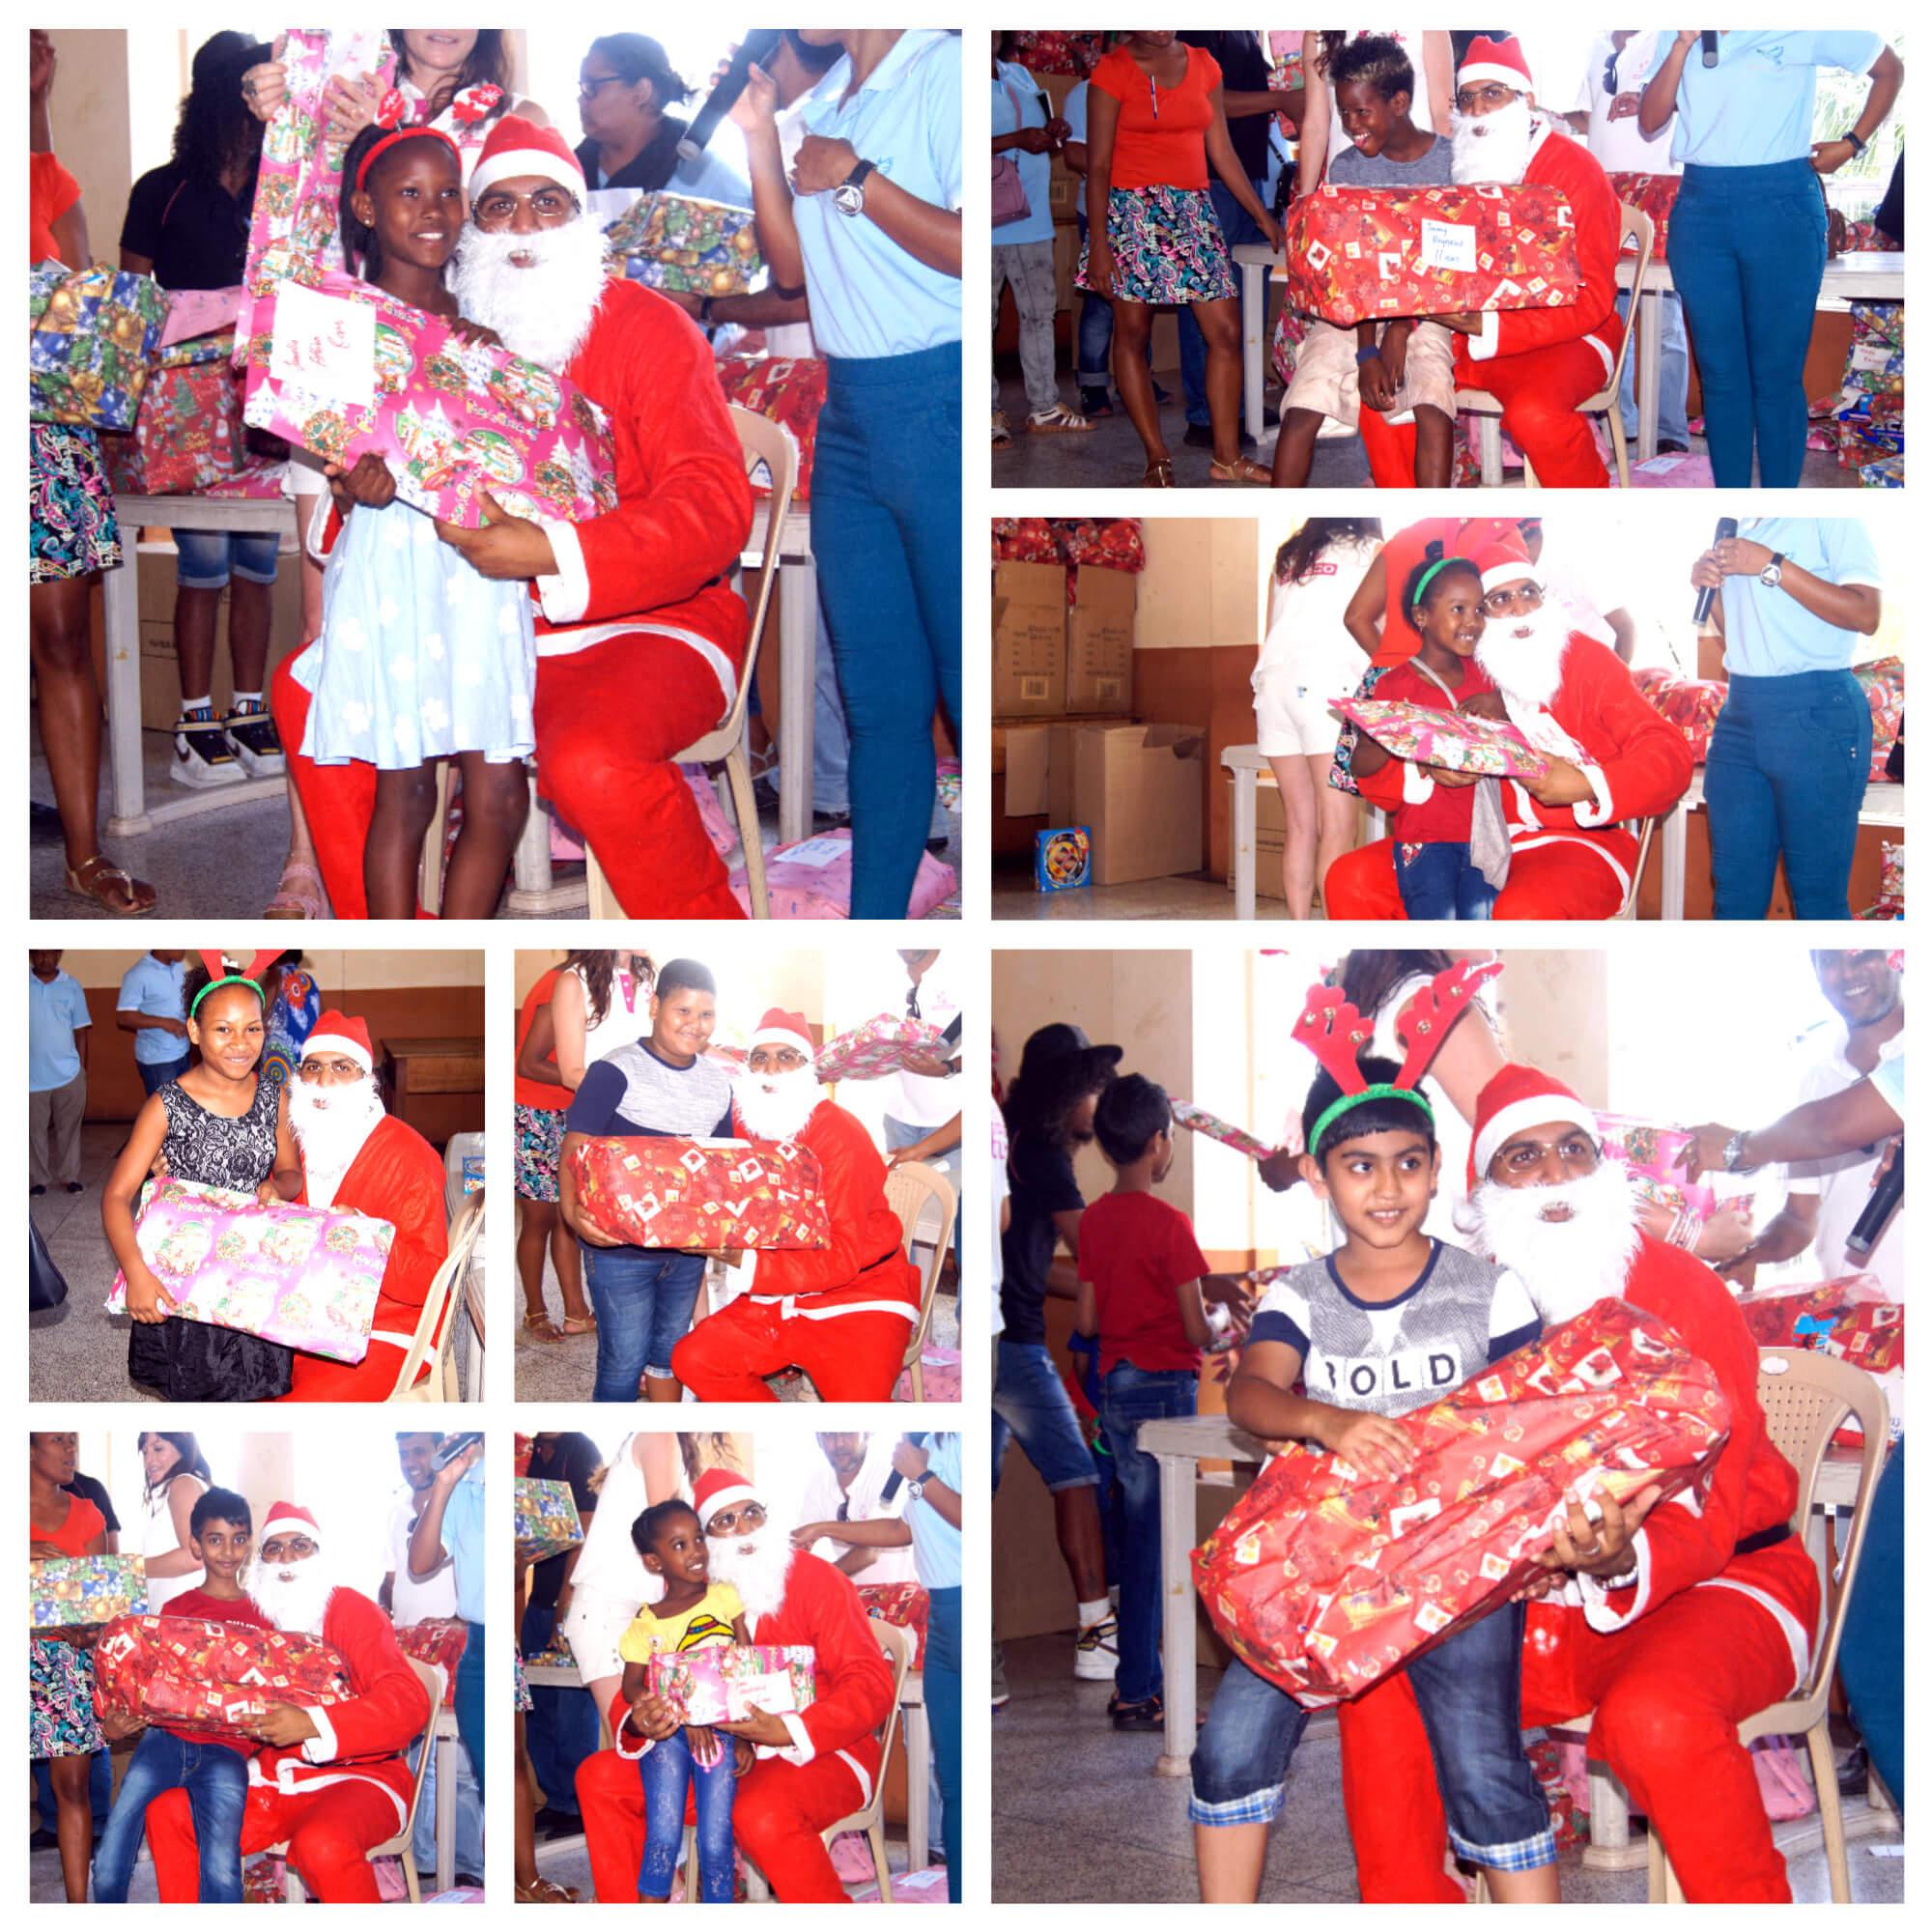 Les enfants étaient tous ravis de voir le Père Noël